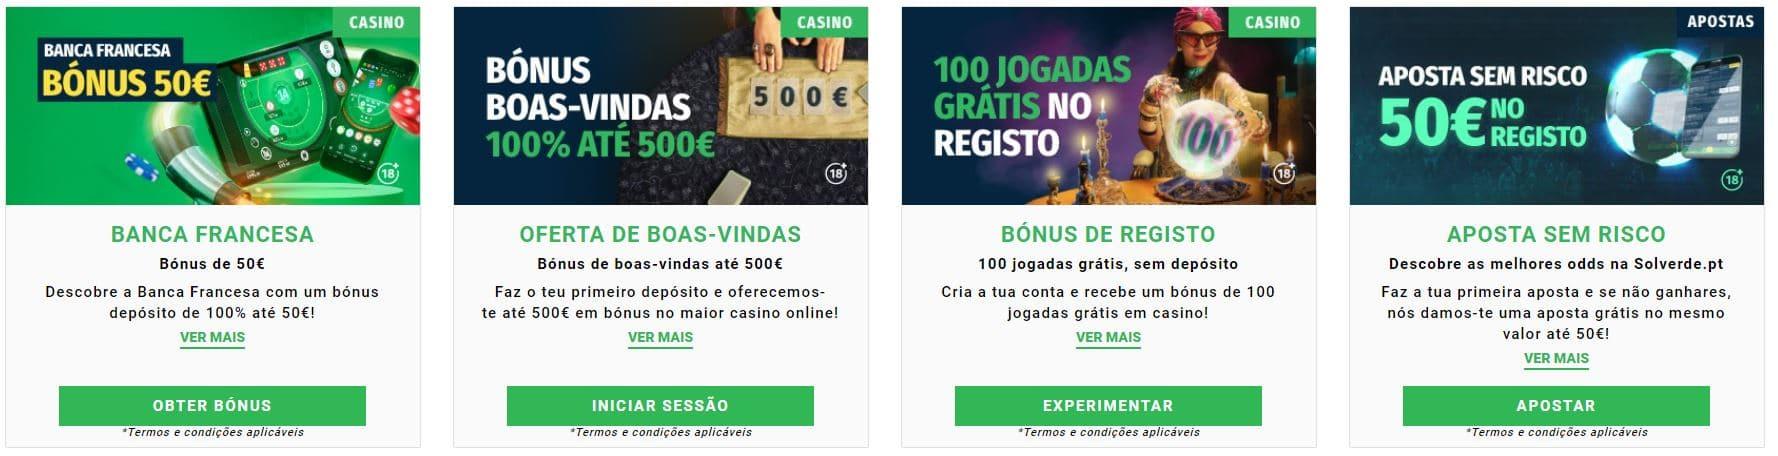 Codigo bonus apostas desportivas 57978